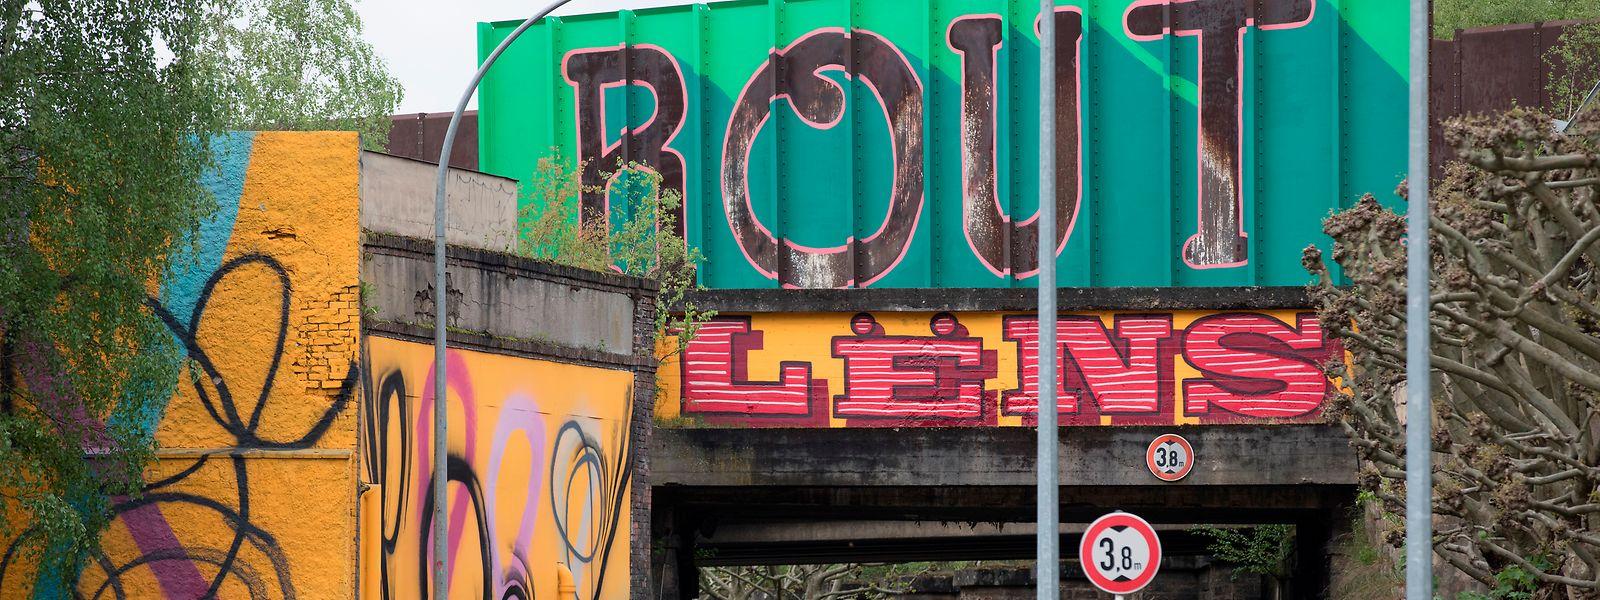 Zum zweiten Mal innerhalb von 14 Tagen wurde am Freitag im Escher Gemeinderat über die Lentille Terres Rouges debattiert.